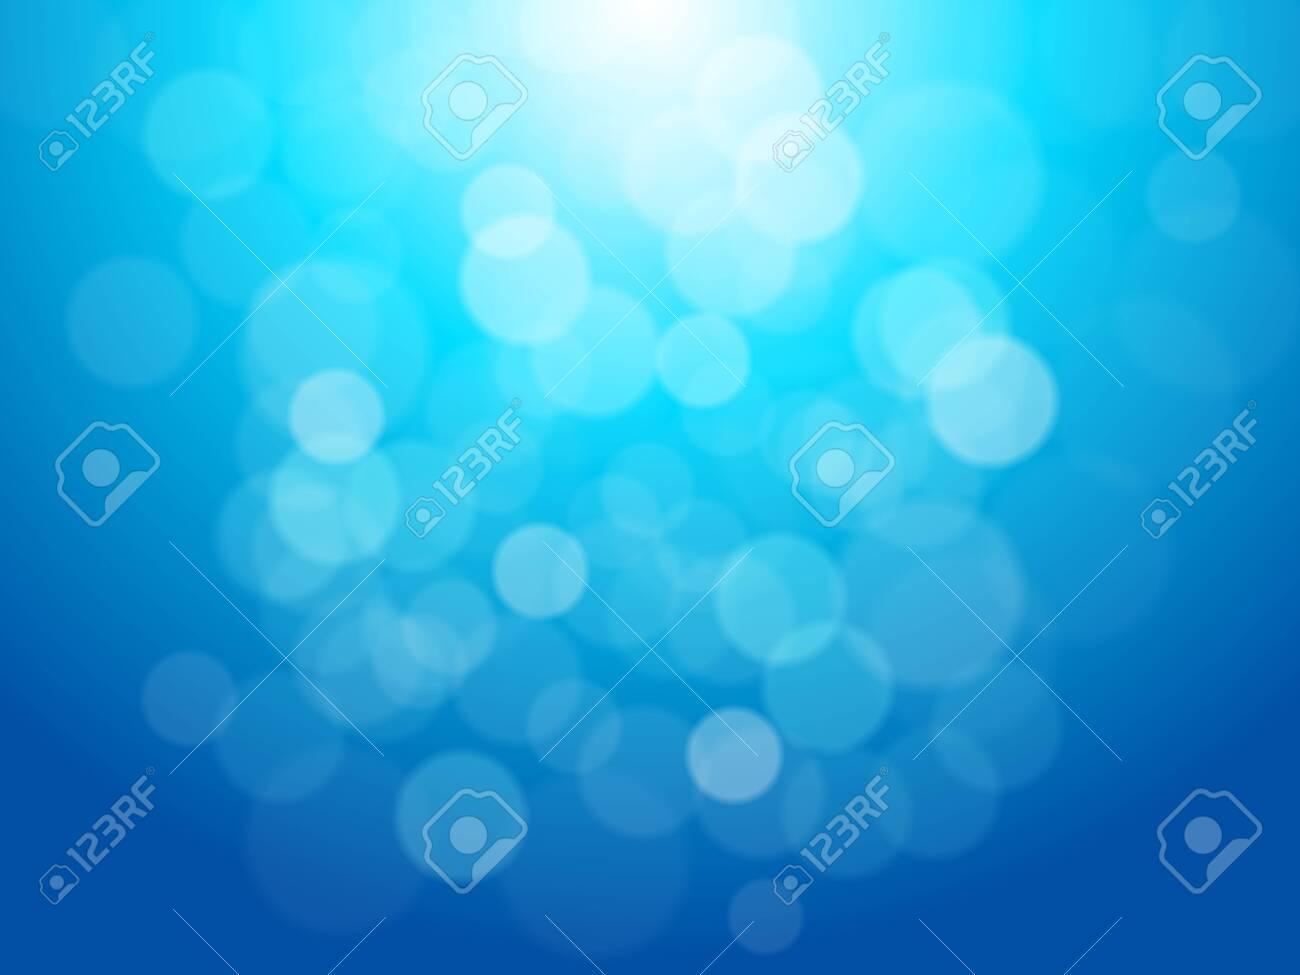 Lights On Blue Background - 124339661